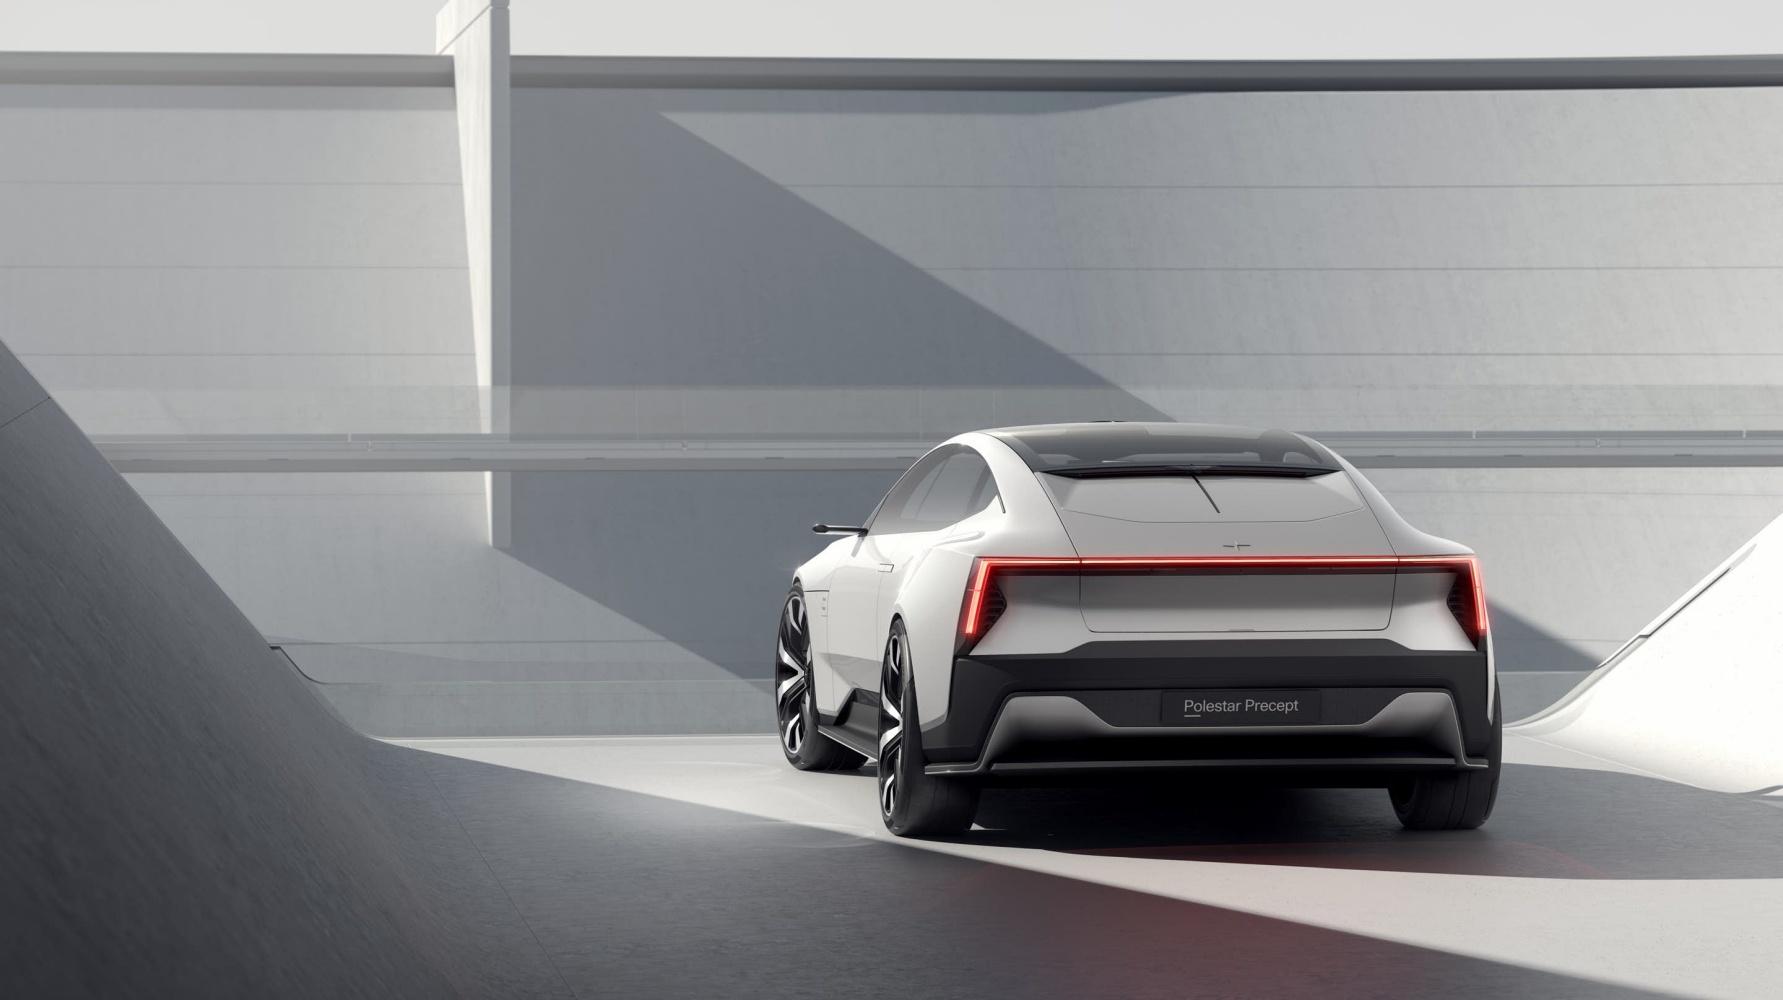 Volvo wyraźnie stawia na Androida. Oto nowy elektryczny koncept Polestara